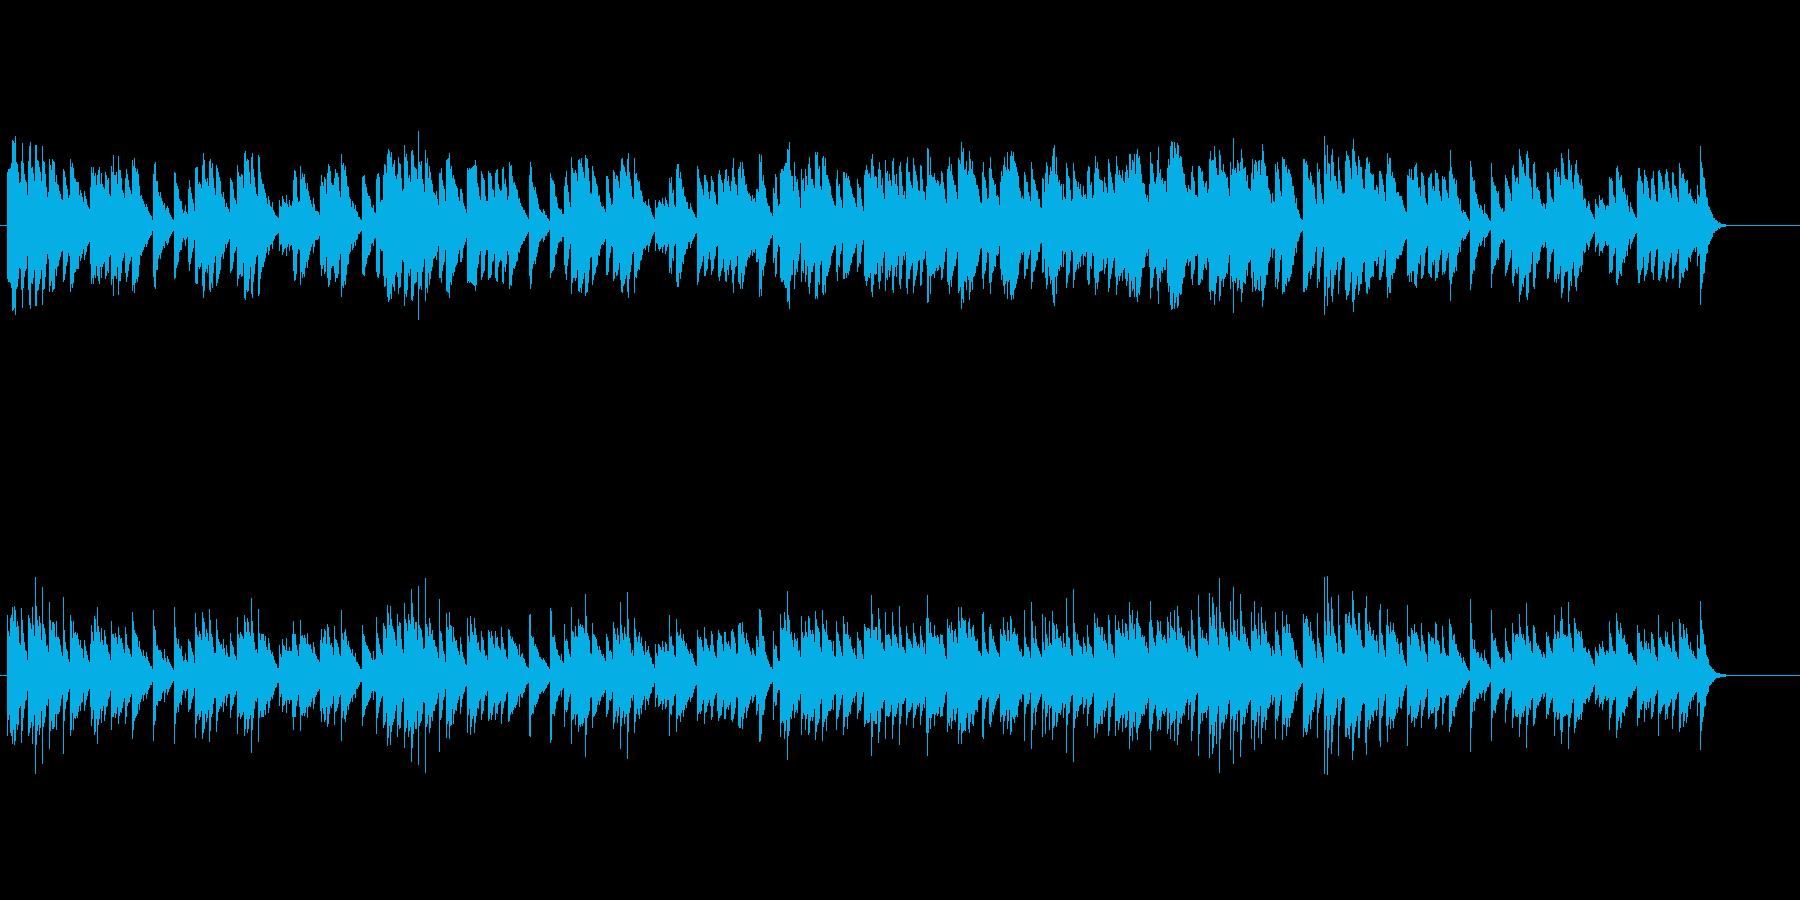 クラシカルなオルゴール・ミュージックの再生済みの波形